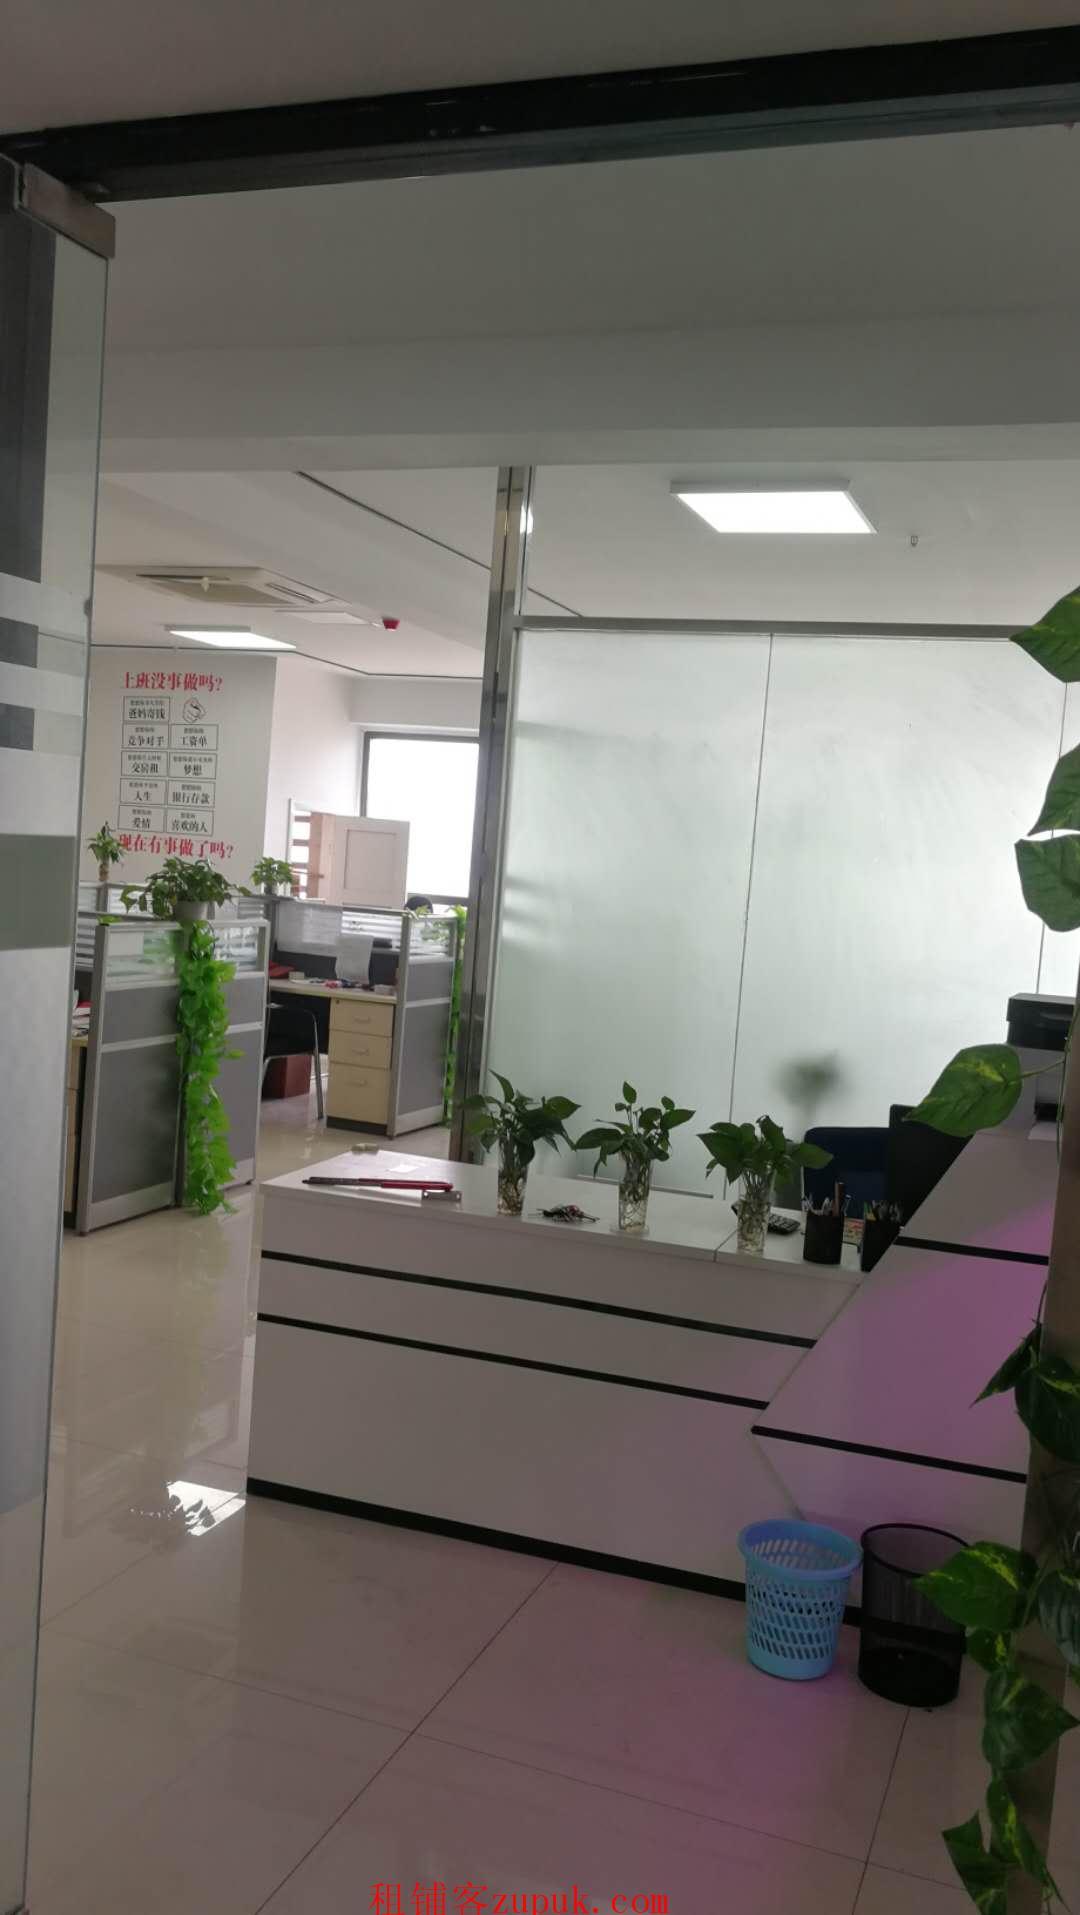 木渎珠江路金枫创业园精装高端写字楼无转让费,18个工位,